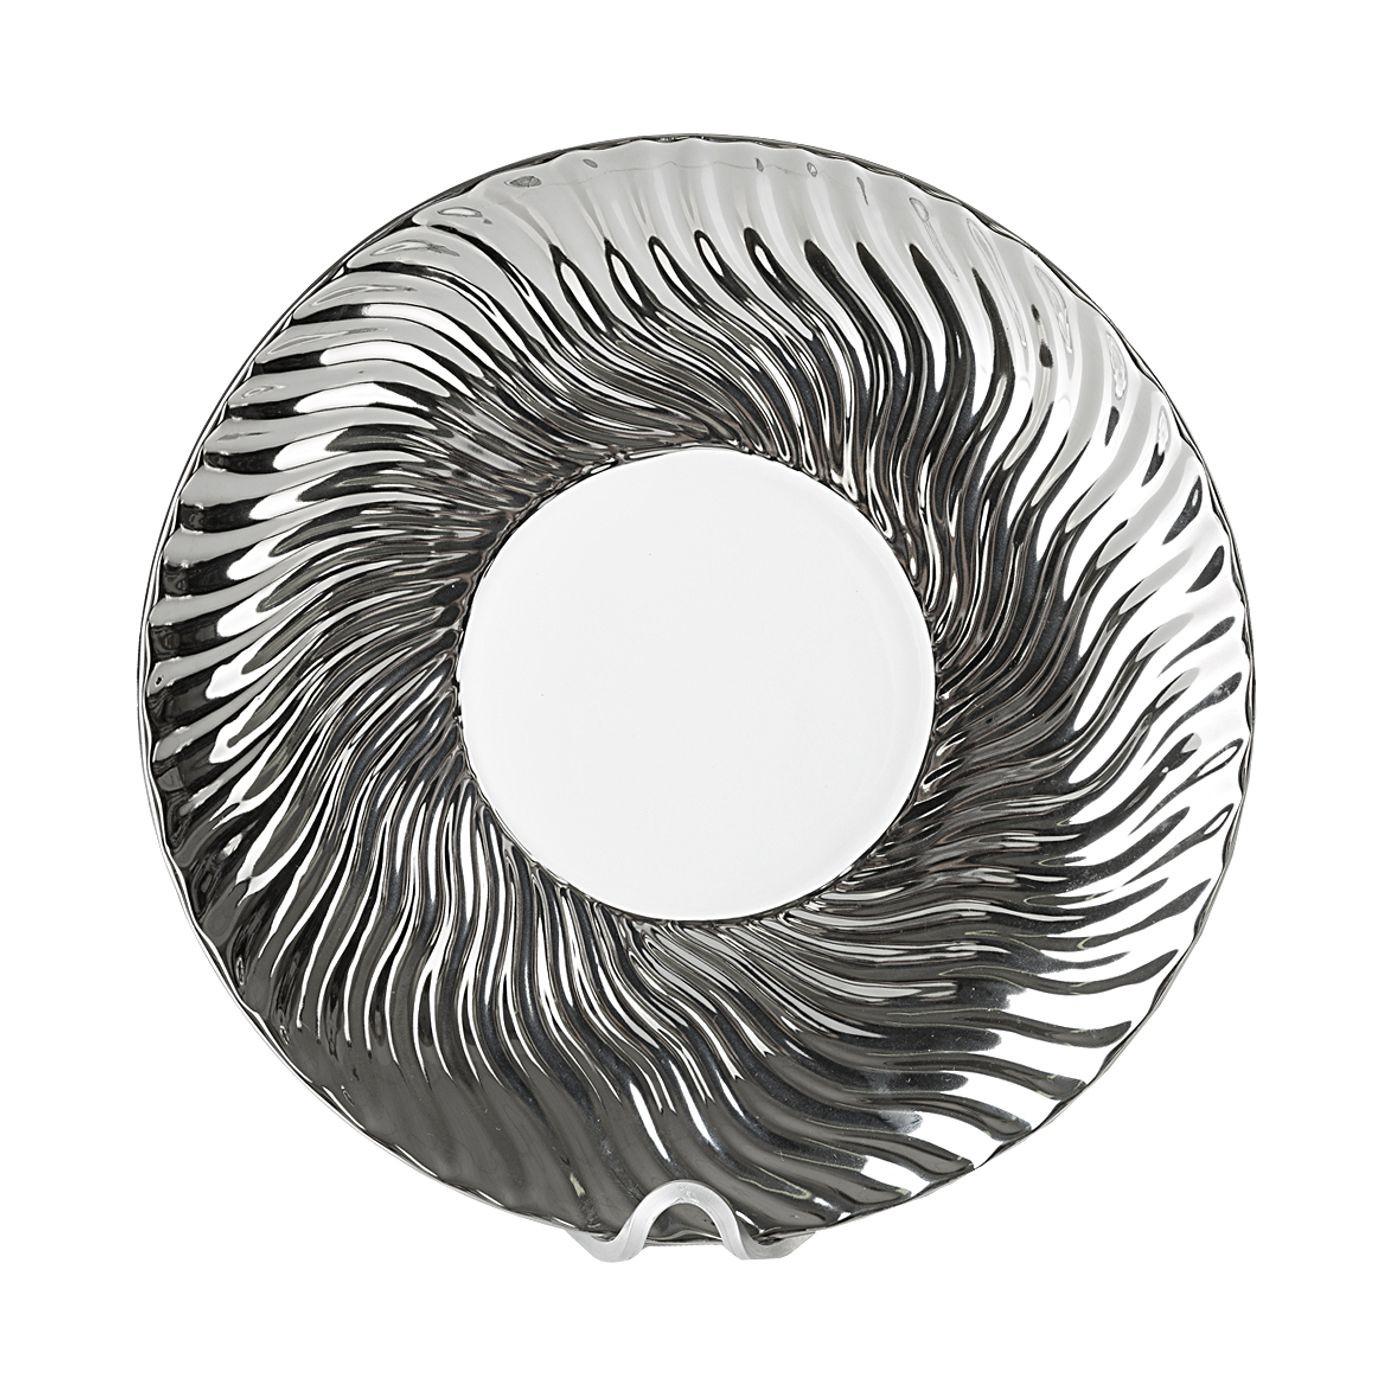 Patera ceramiczna srebrno-biała